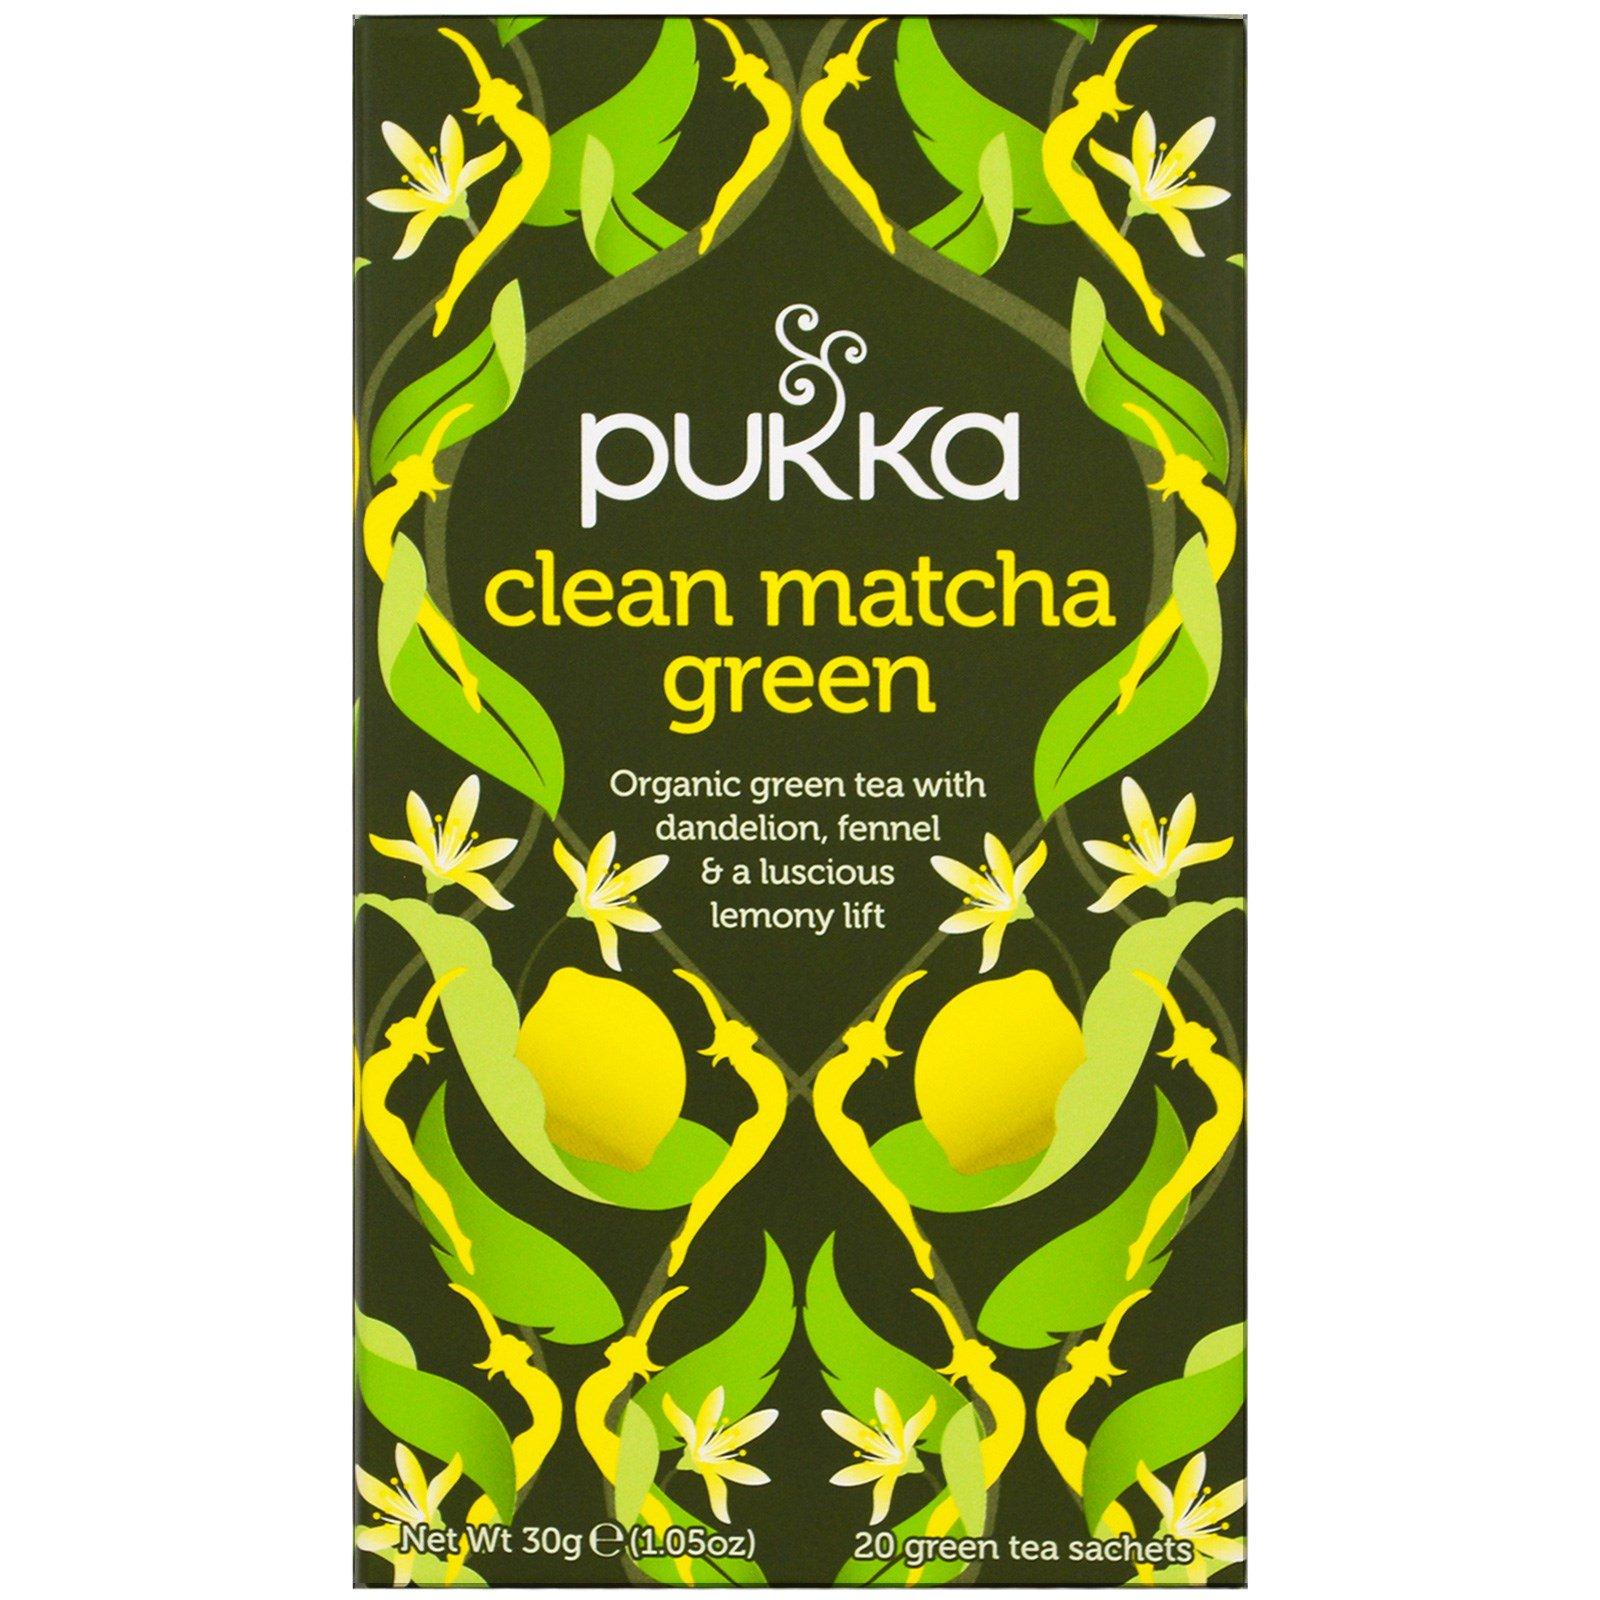 Pukka Herbs, Зеленый чай маття, 20 пакетиков зеленого чая, 1,5 г (0,05 унций) каждый